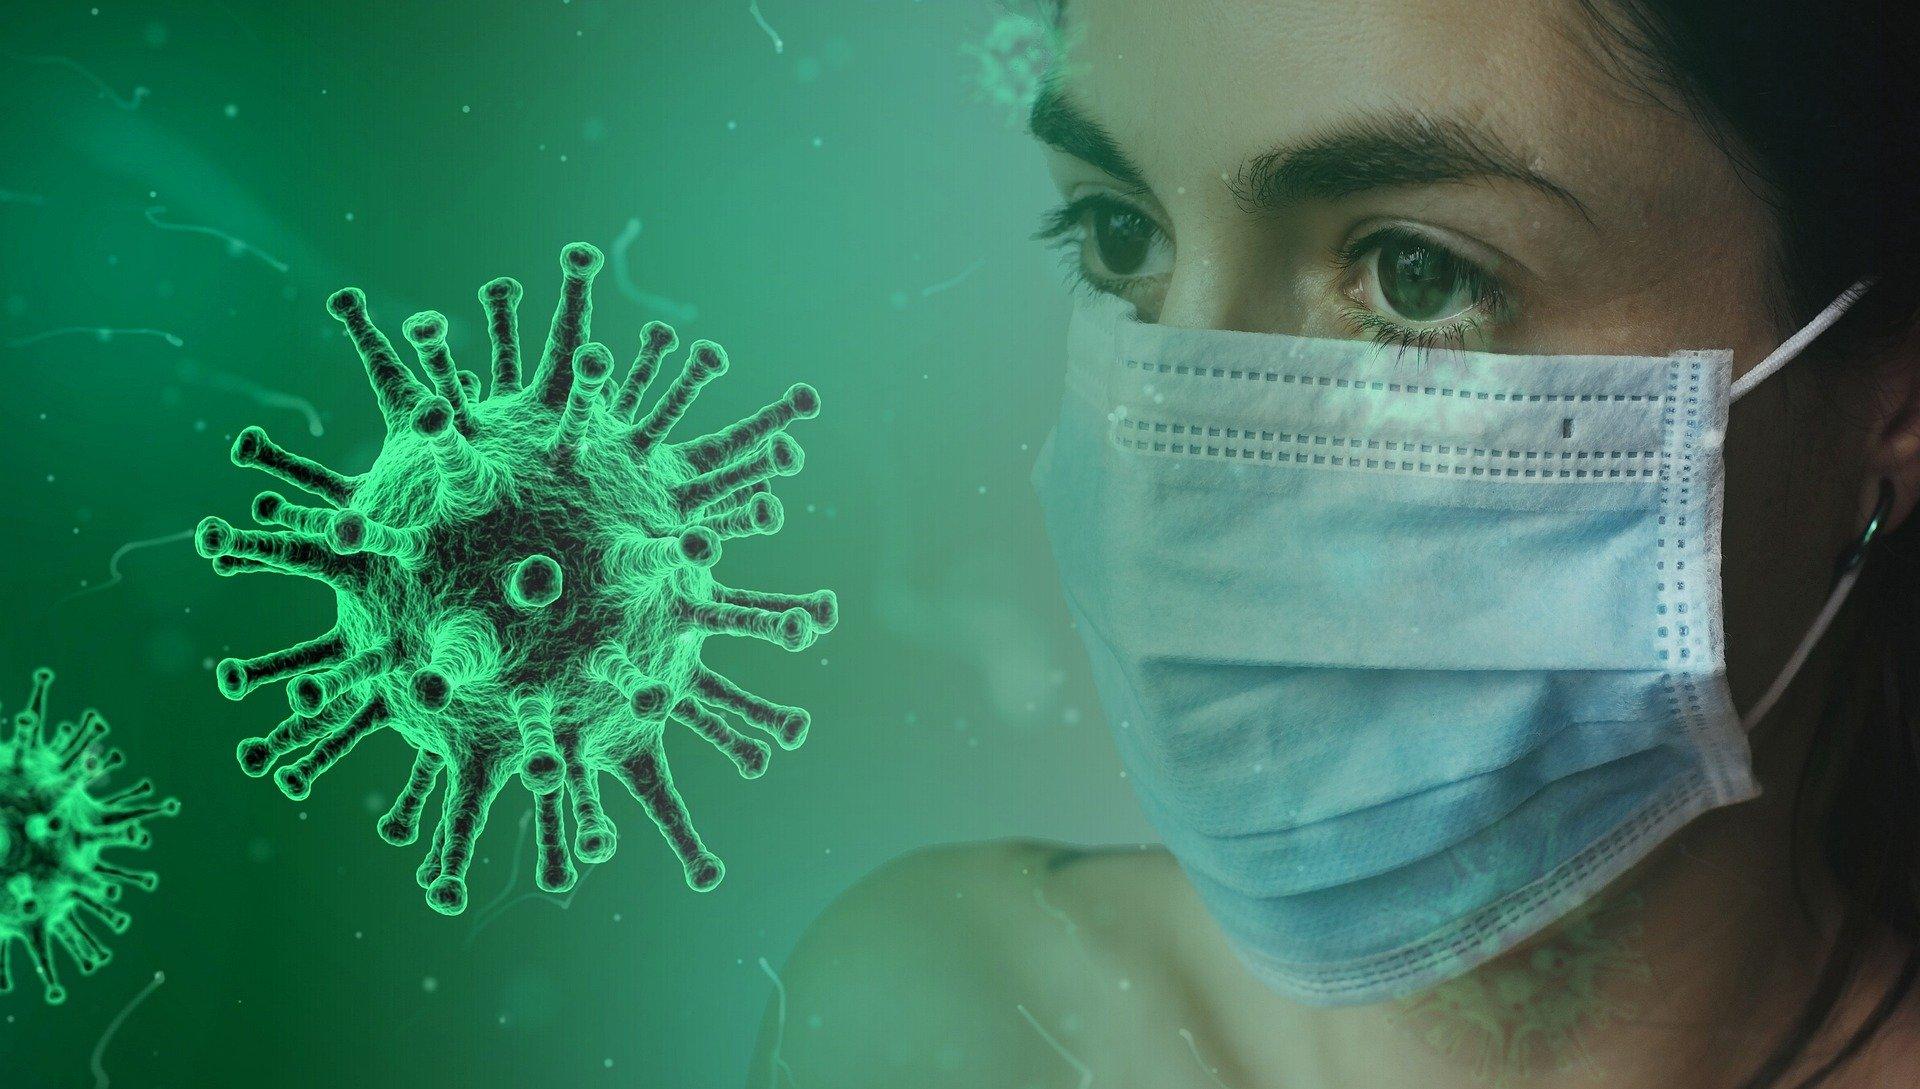 Pixabay/Tumisu: Studie zmapuje odpověď imunitního systému na COVID-19